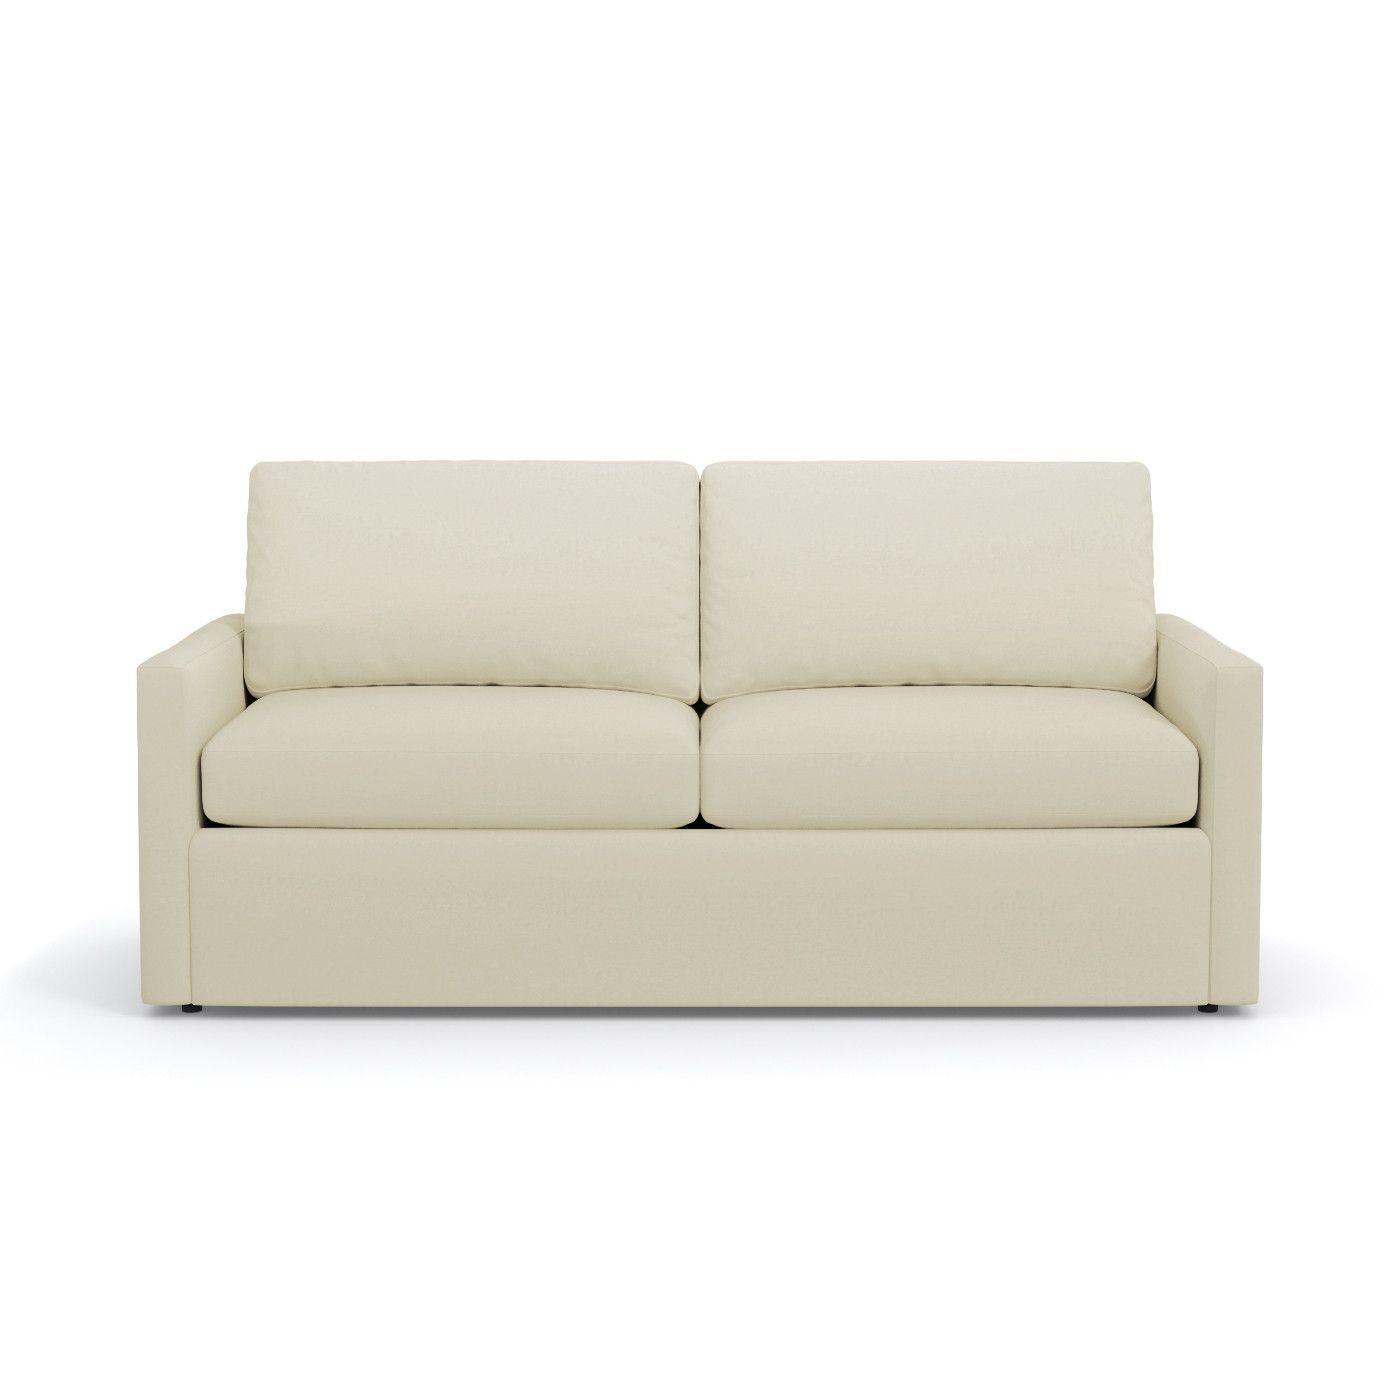 - Fabian Queen Size Sleeper Sofa :: Sleeper Option: Deluxe